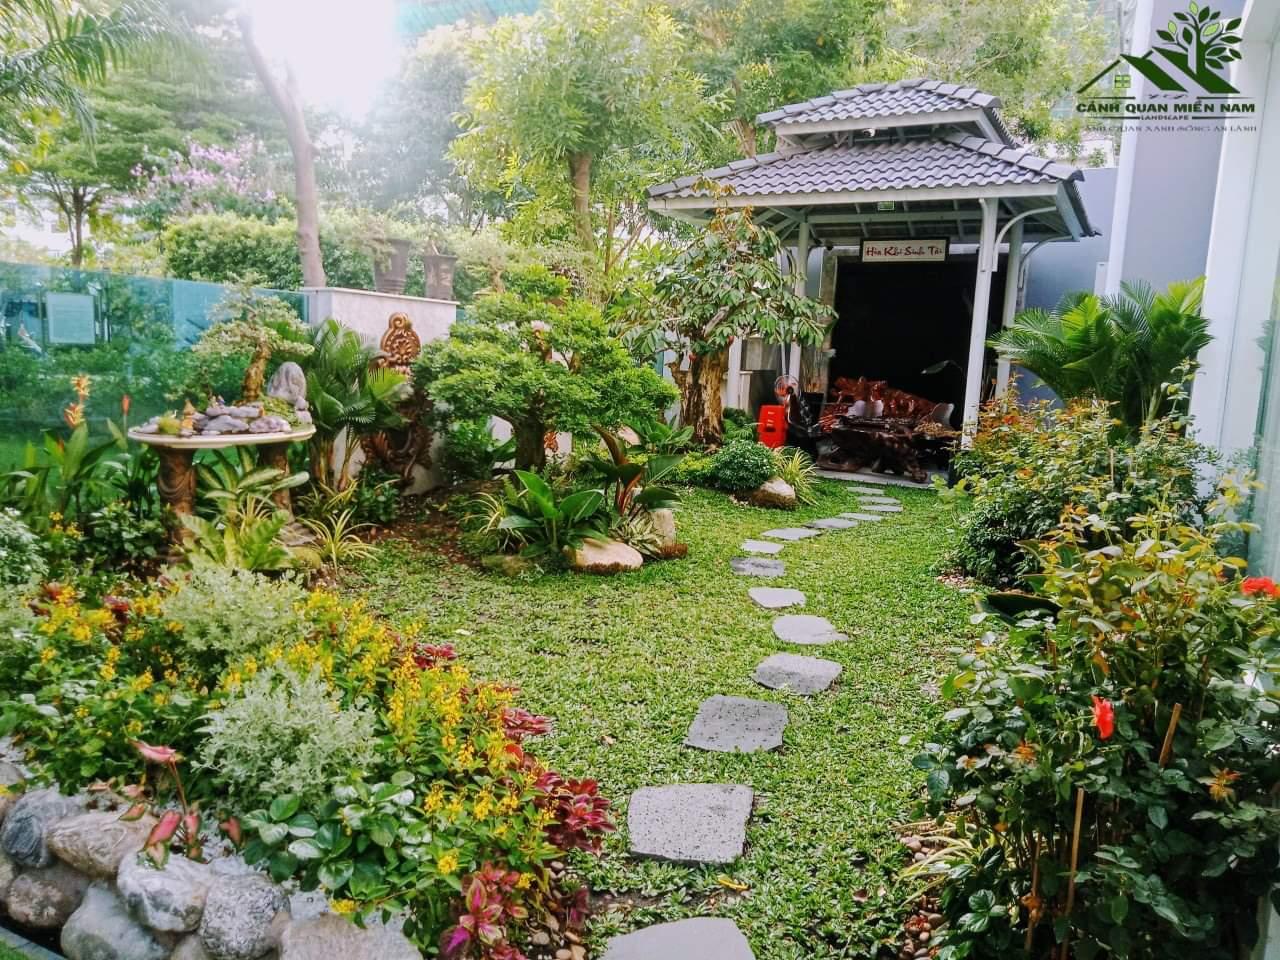 Dịch vụ trồng cỏ và trồng cây xanh uy tín